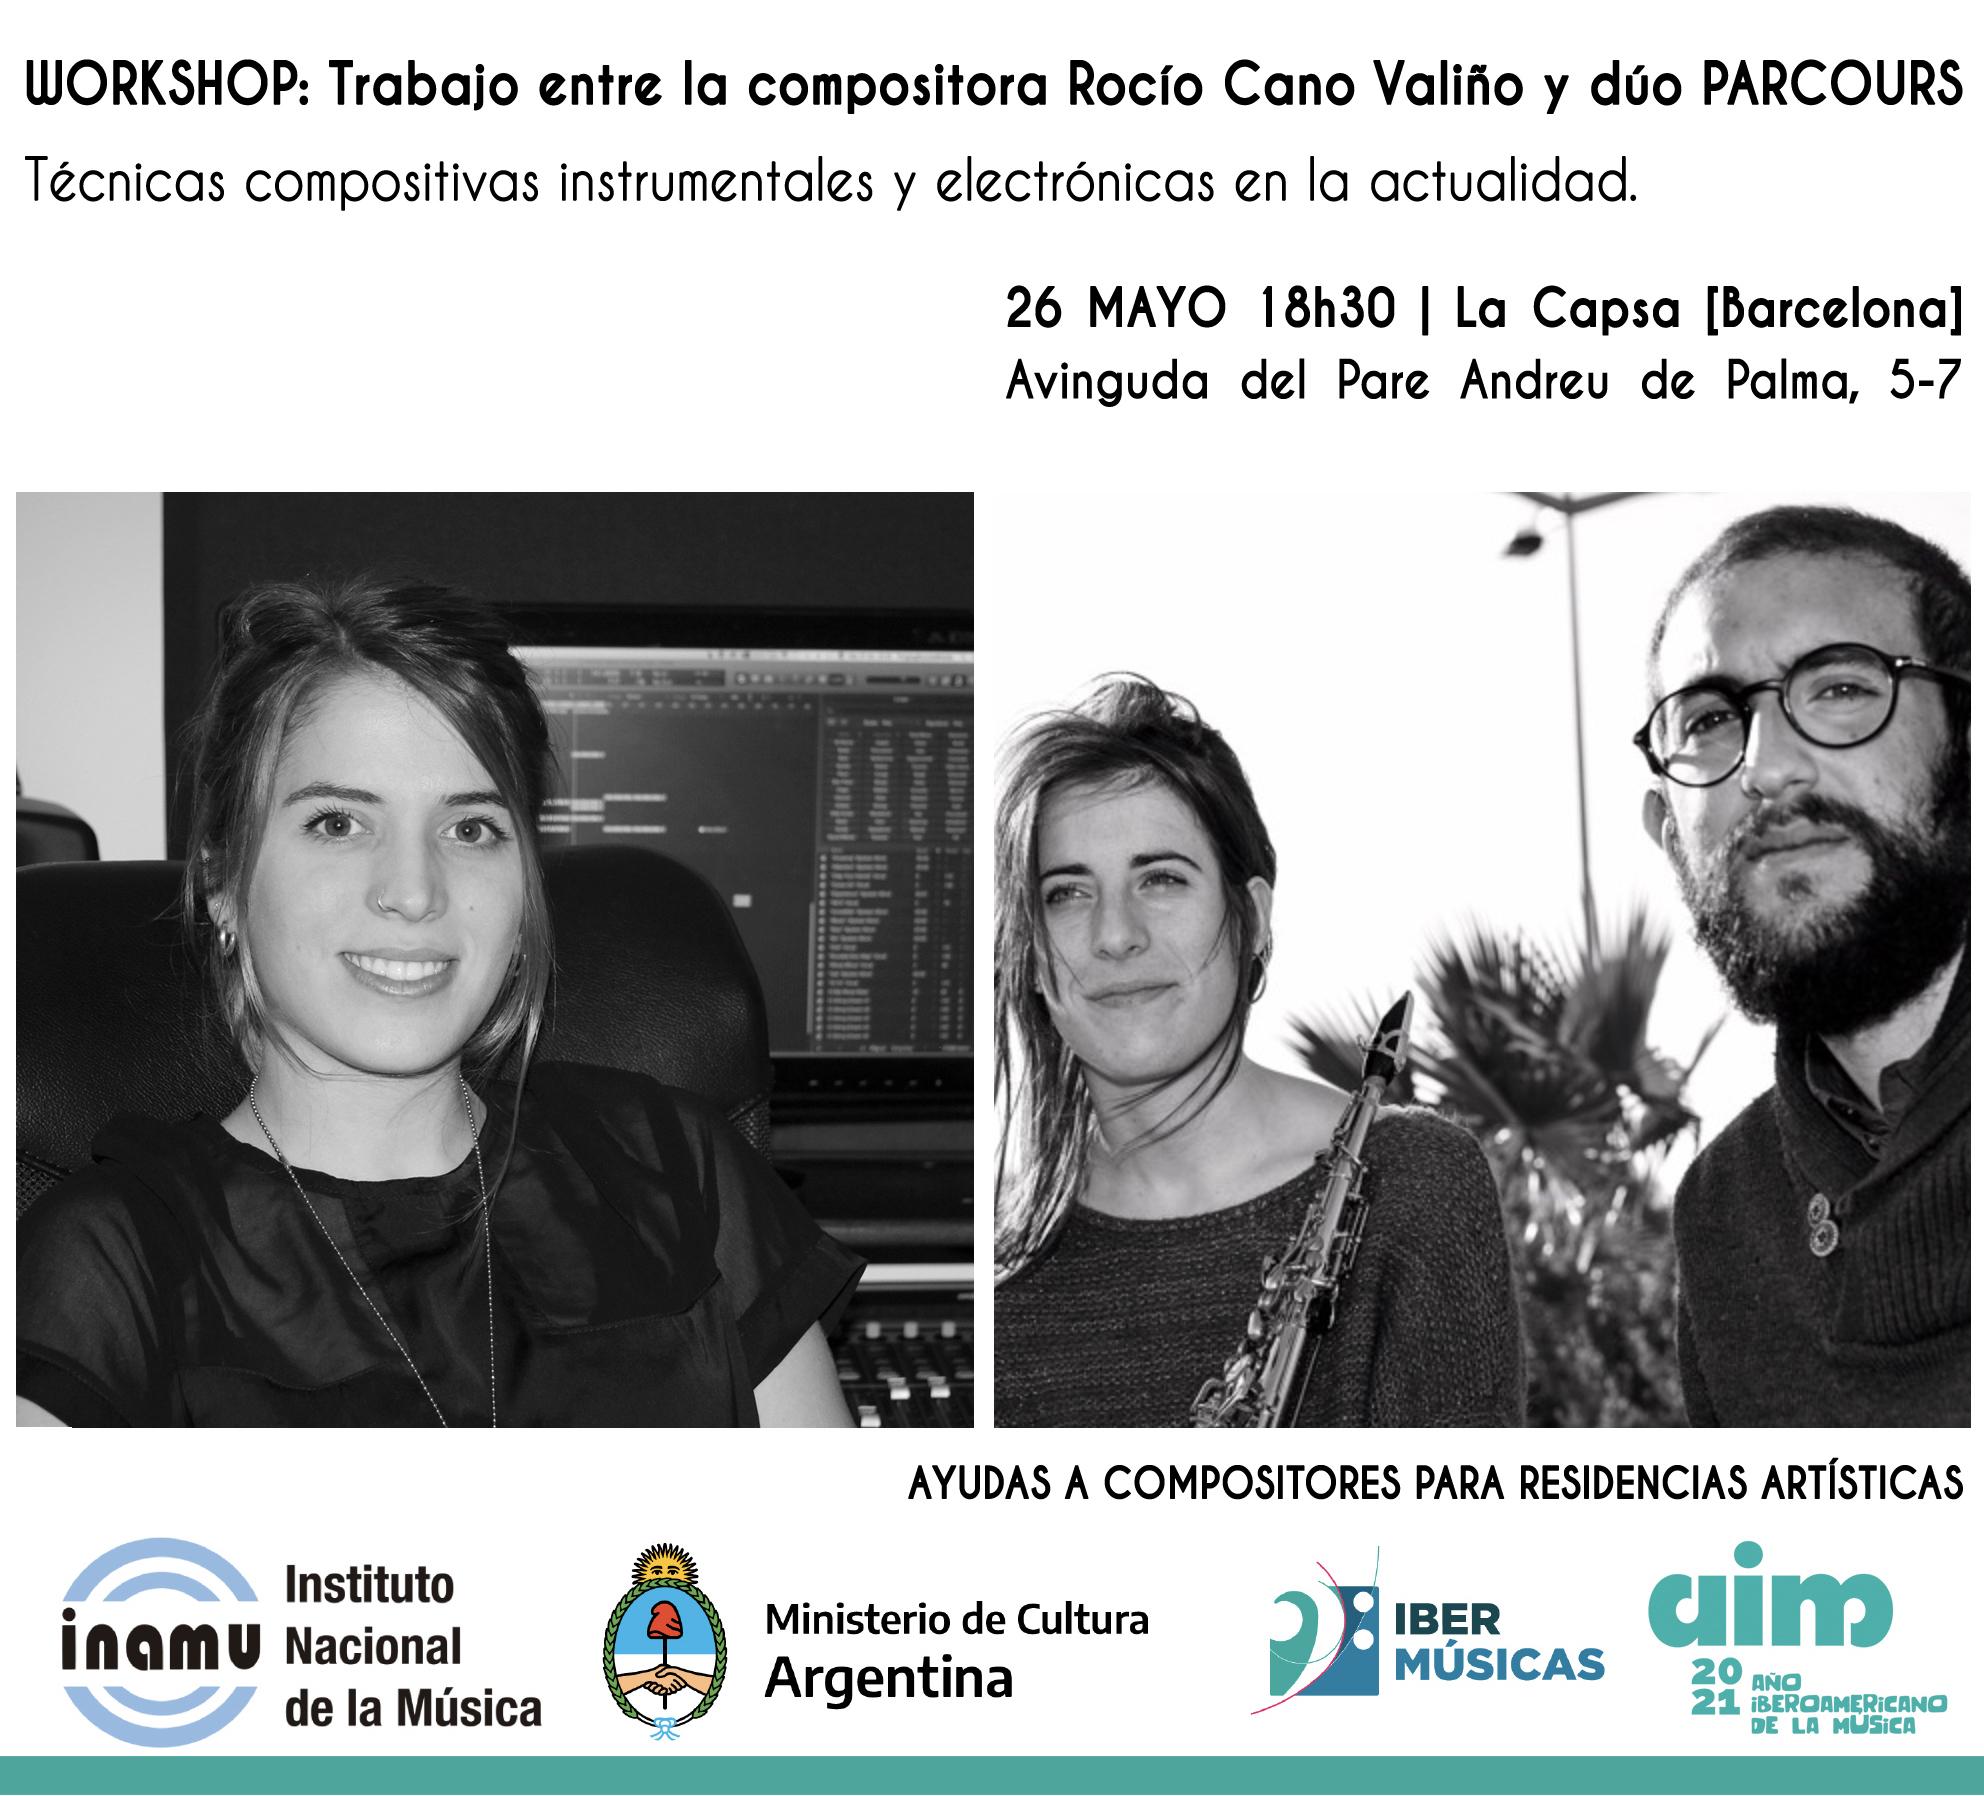 Rocío Cano Valiño de Argentina inicia su residencia creativa junto al Dúo Parcours de España